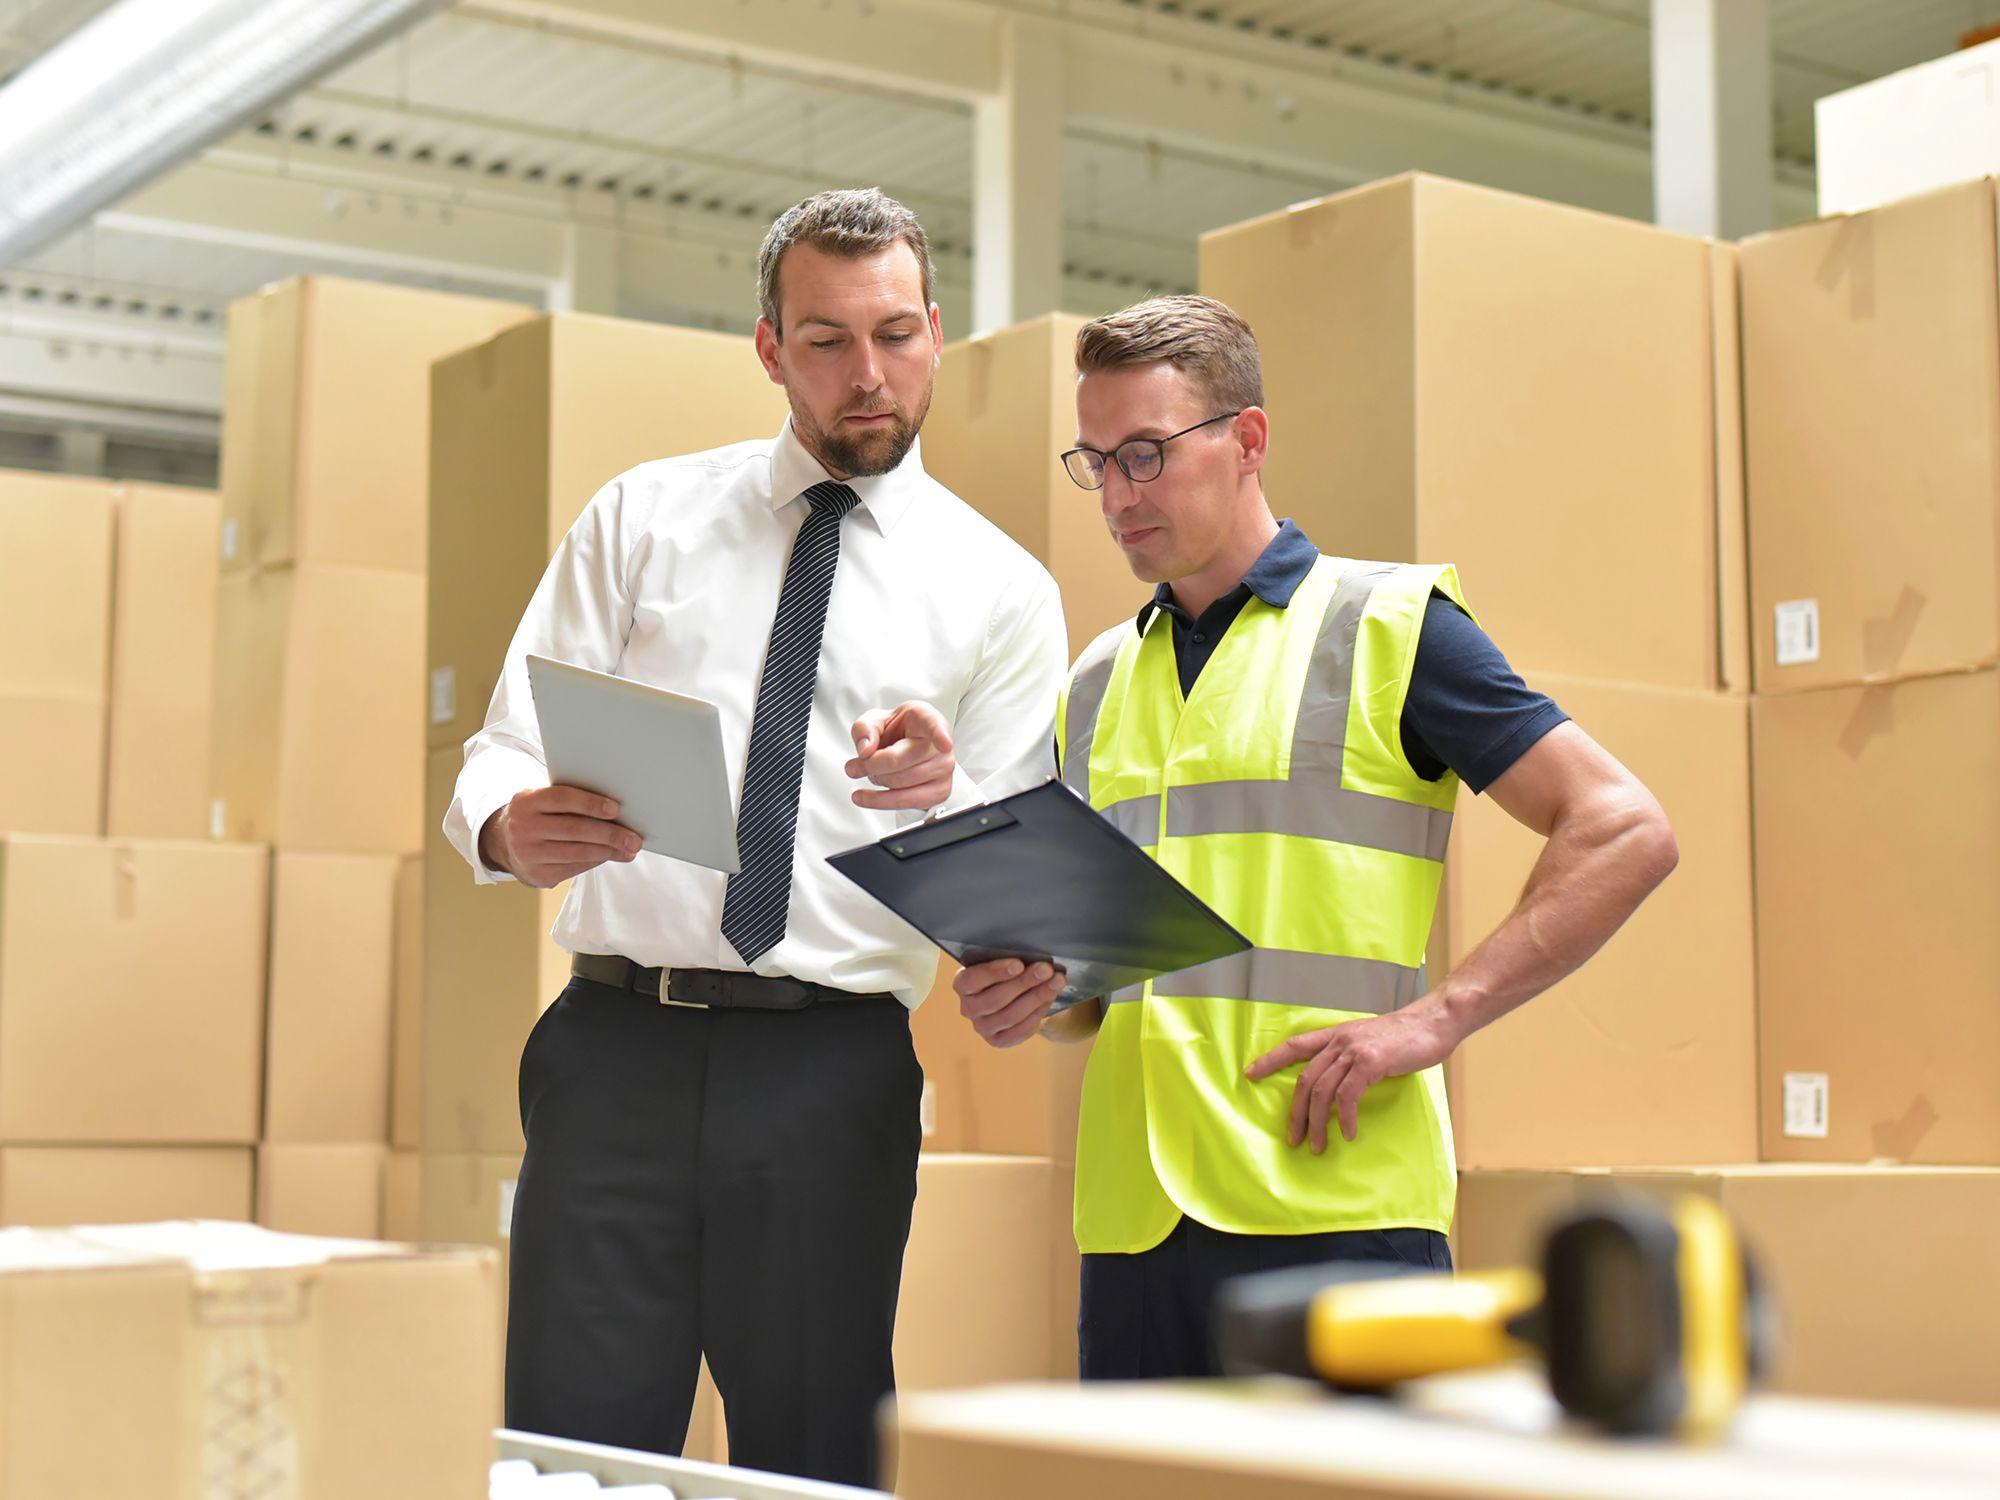 Level 6 - Disponenten, Sachbearbeiter, Exportsachbearbeiter, Personaldisponenten, Logistik Disponenten, Spedition Disponenten, Logistikkoordinateure, Lagerdisponenten, Fuhrparkdisponenten, Verkaufssachbearbeiter, Werkstattleiter, Speditionskaufmann, Controller, Materianldisponenten, Importsachbearbeiter, Leiharbeiter, Zeitarbeiter, Leiharbeitnehmer, Leihkraft, Temporärarbeiter für Lager, Spedition, Logistik, Logistikzentrum, Ladung, Luftfracht, Transportunternehmen, Speditionsversand, Lagerlogistik, Fuhrunternehmen, Materialfluss, Distributionslogistik, Fracht, Sperrgut, Transport, Expressdienst, Transportdienst, Warentransport, Speditionsfirmen, Speditionsunternehmen, Transportwesen, Seefracht, Lagerhallen und Lagerarbeit bei uns als Personalagentur, Zeitarbeitsfirma, Zeitarbeitsunternehmen, Personal-Service-Agentur, Personaldienstleistungsagentur und Leiharbeitsfirma per Arbeitnehmer-Leasing, Arbeitnehmerüberlassung, Arbeitskräfte-Leasing, Arbeitskräfteüberlassung, Arbeitskraftüberlassung, Leiharbeit, Mitarbeiter-Leasing, Mitarbeiterleasing, Mitarbeiterüberlassung, Personaldienstleistung, Personalleasing, Personalüberlassung, Temporärarbeit, Zeitarbeit buchen, mieten, leihen oder langfristig neue Mitarbeiter für Jobs wie Schülerjobs, Ferienjobs, Aushilfsjobs, Studentenjobs, Werkstudentenjobs, Saisonjobs, Vollzeit Jobs, Teilzeit Jobs, Nebenjobs, Temporär Jobs, Gelegenheitsjobs per Personalvermittlung suchen, finden und vermittelt bekommen.